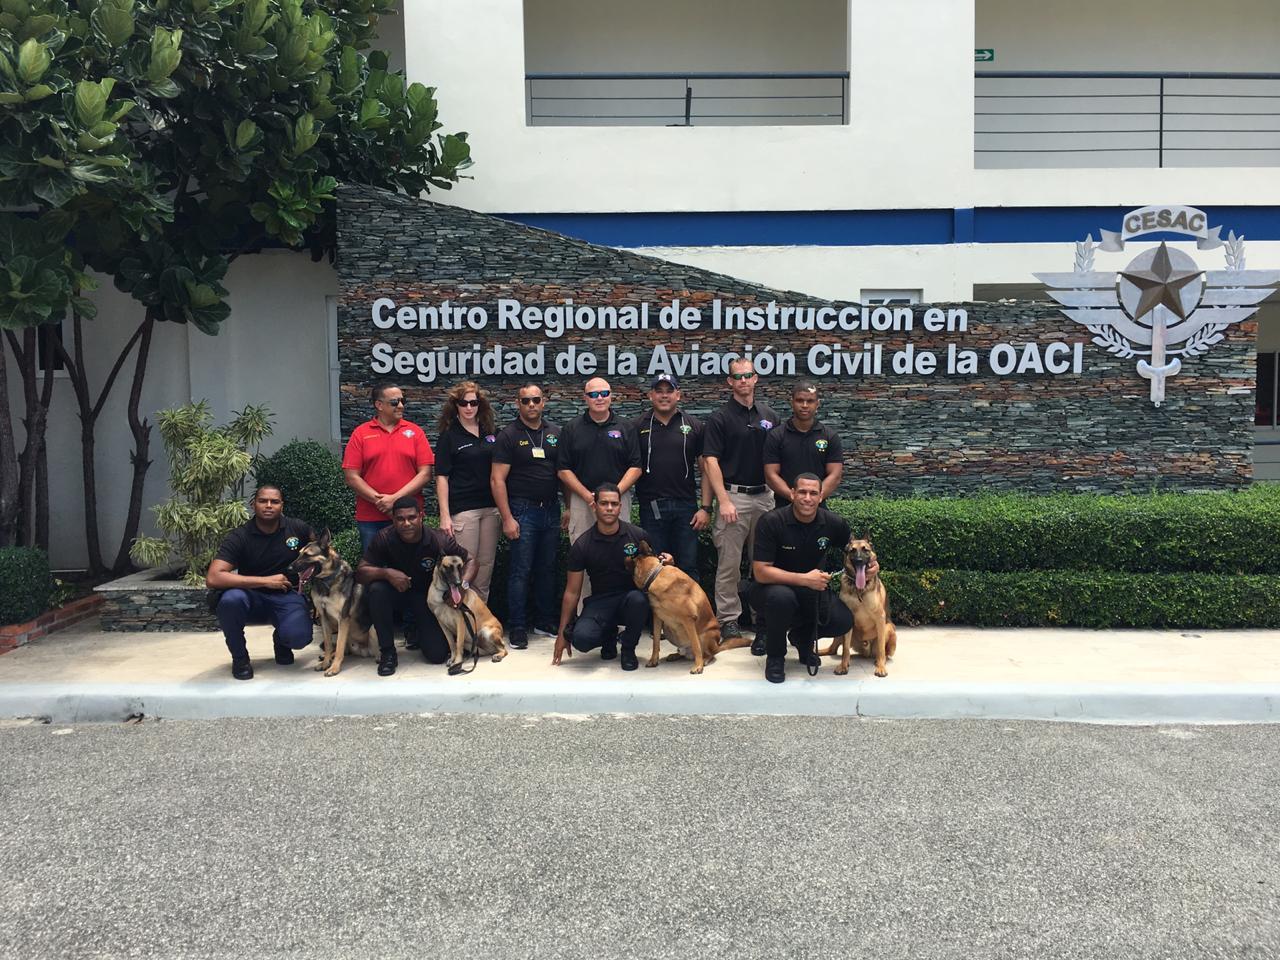 Experto del departamento de EE.UU. evalúan y rectifican la unidad k-9 del Cesac